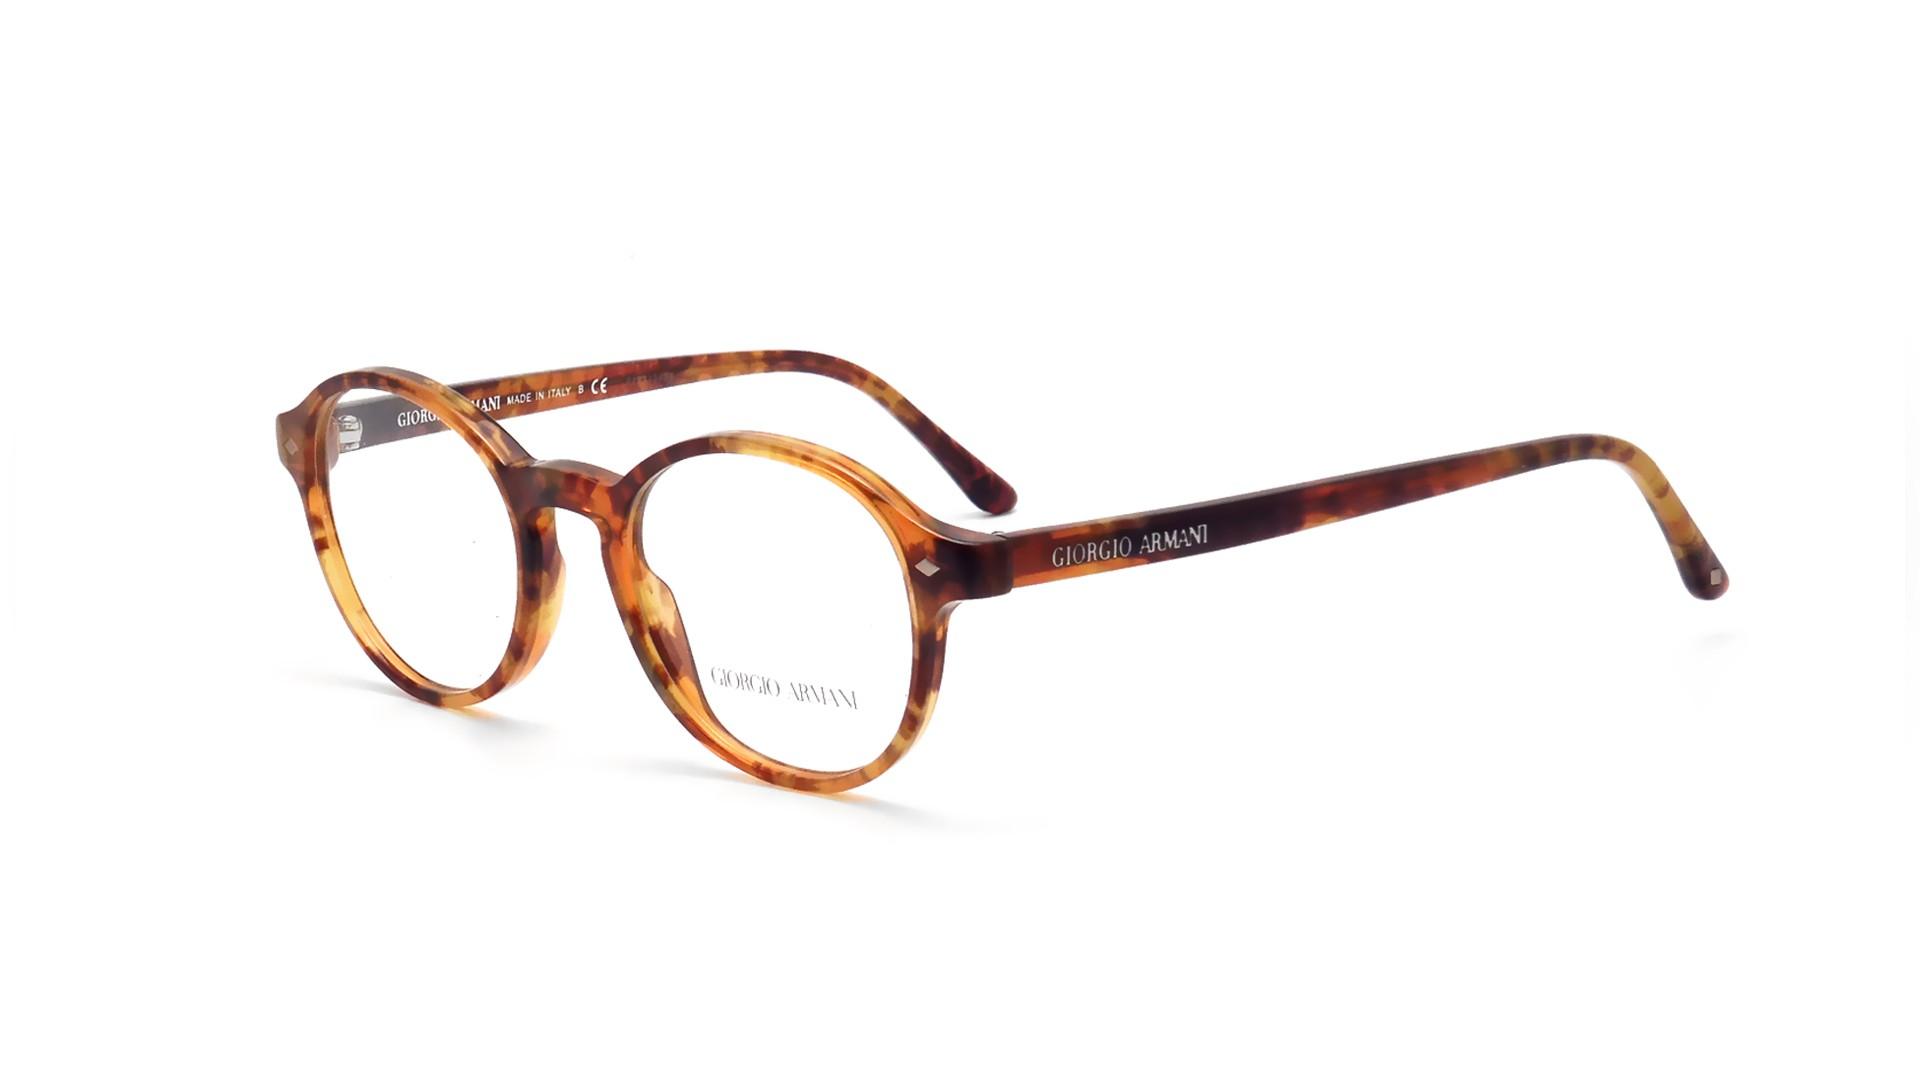 Giorgio Armani Glasses Frames Of Life : Giorgio Armani Frames of Life Tortoise AR7004 5191 47-19 ...